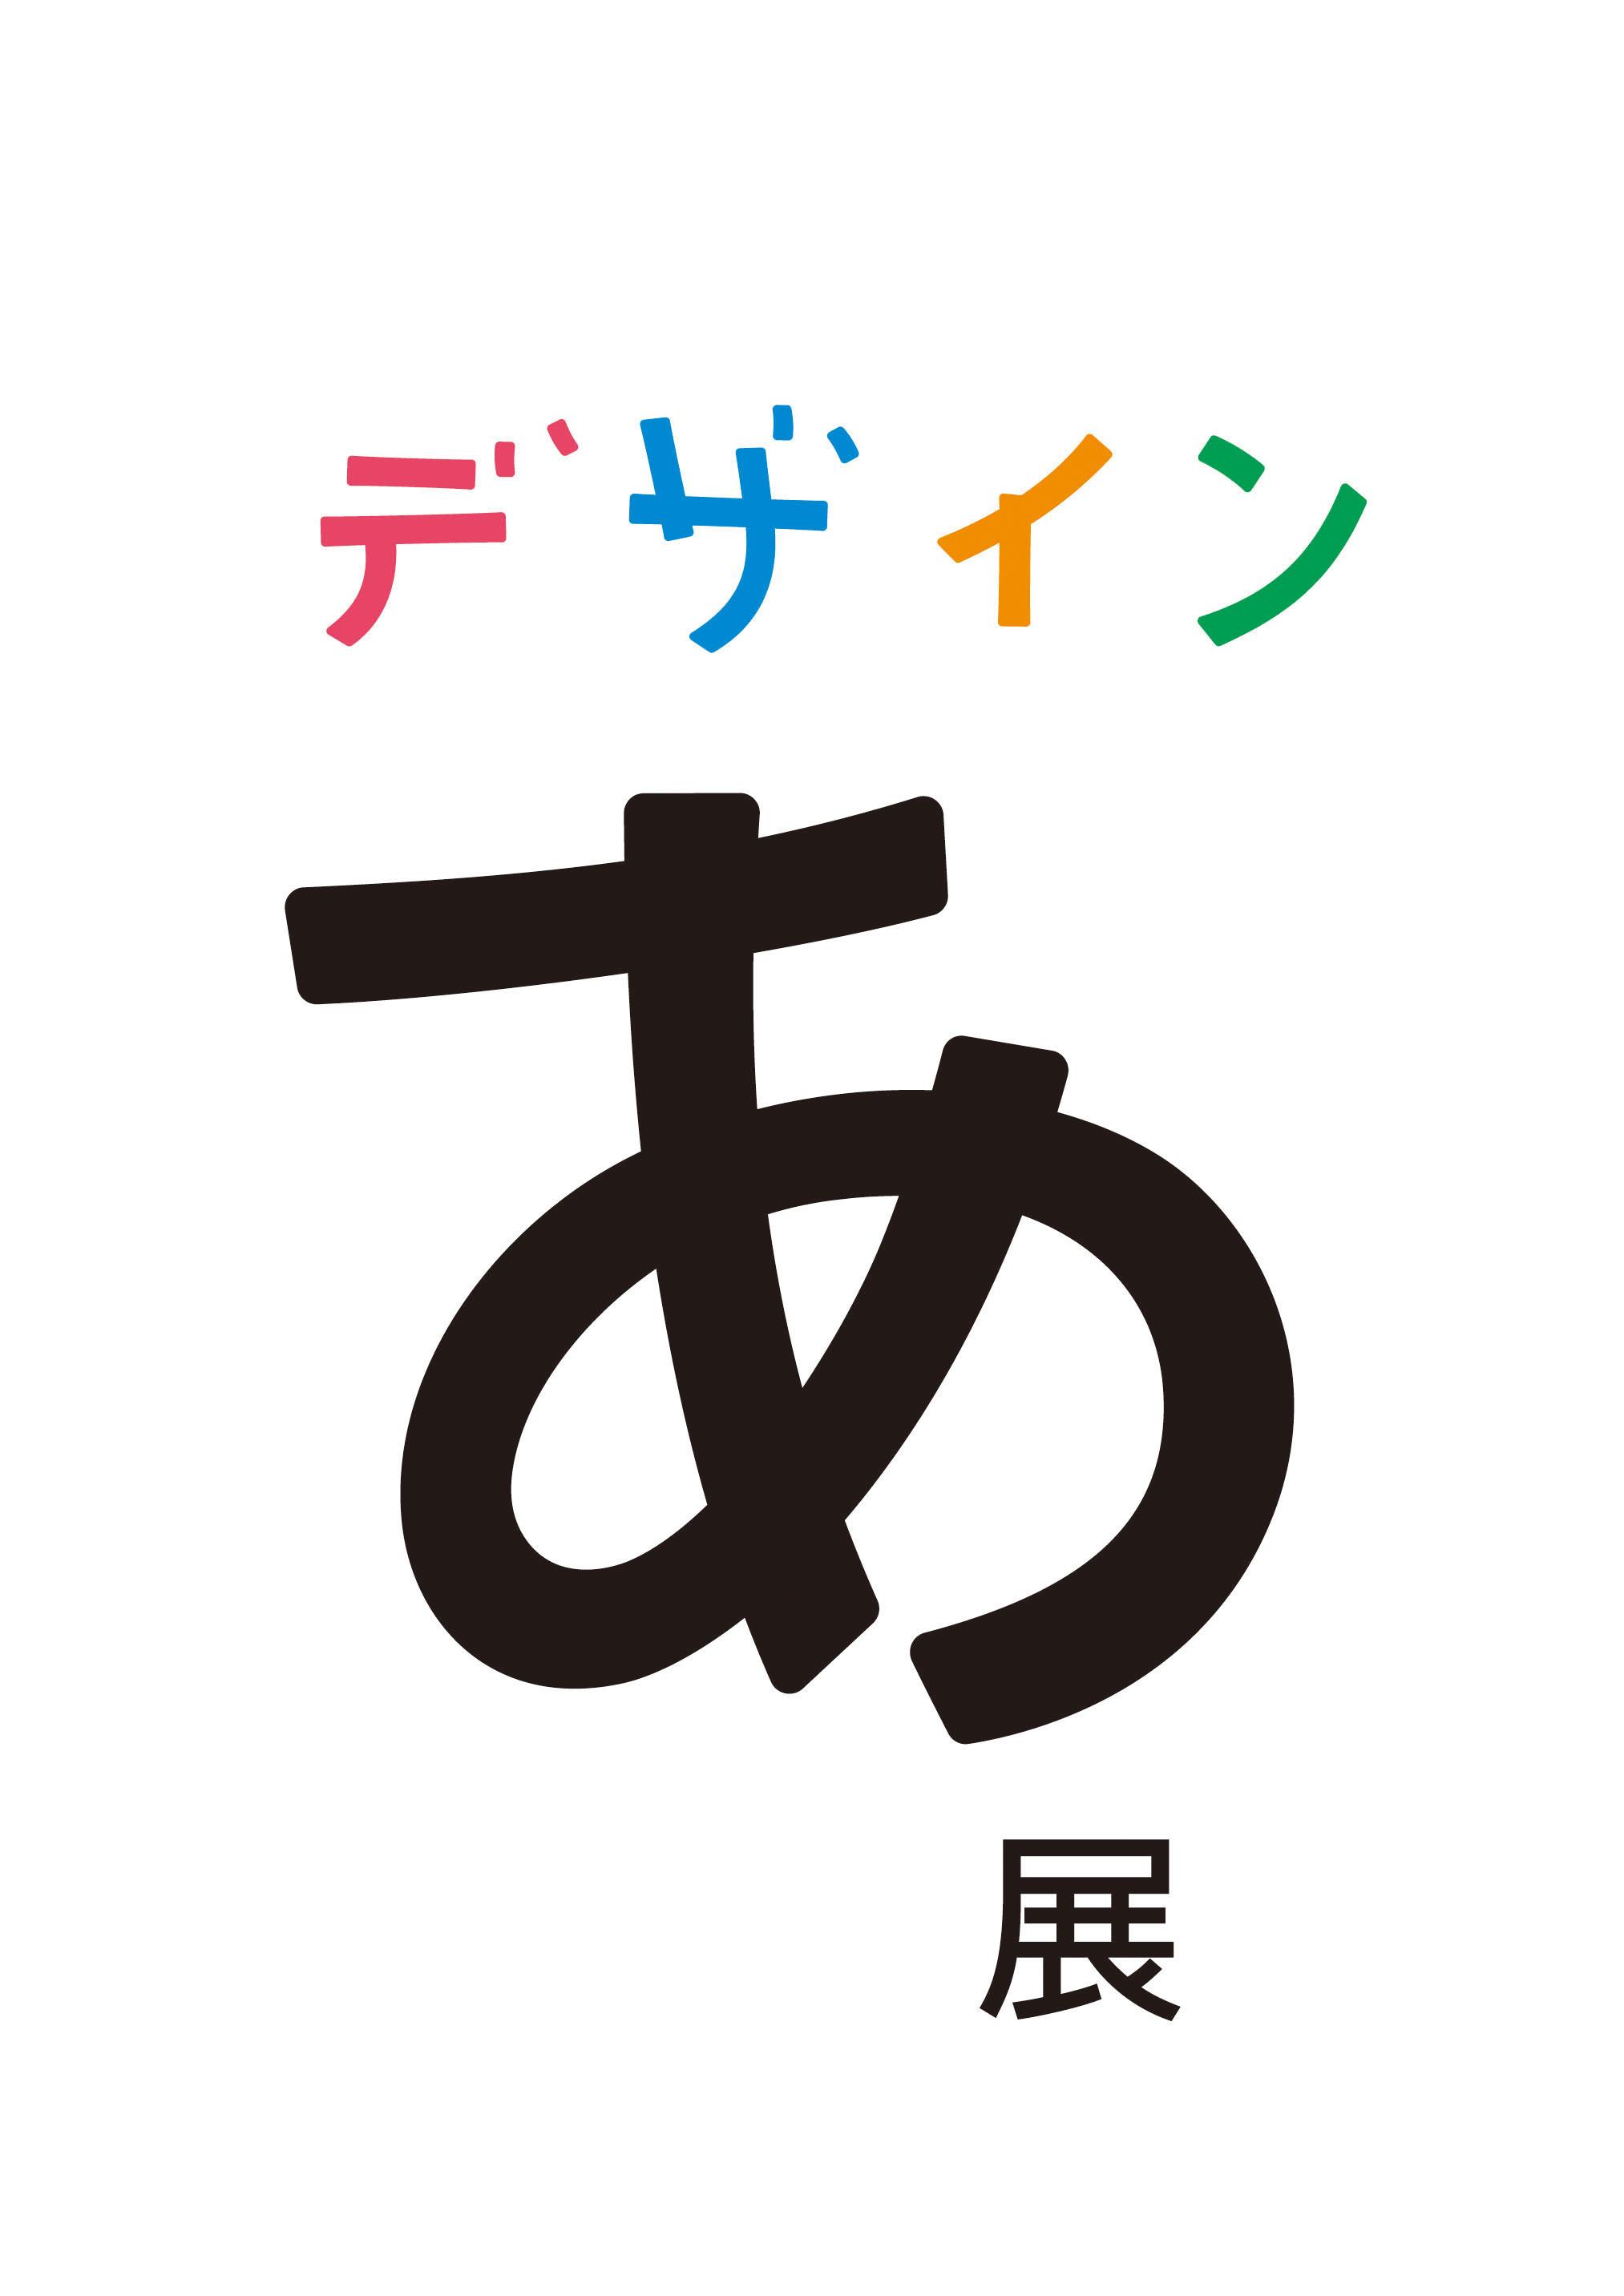 デザインあ展 / 2013, 2018〜 | ロゴマーク